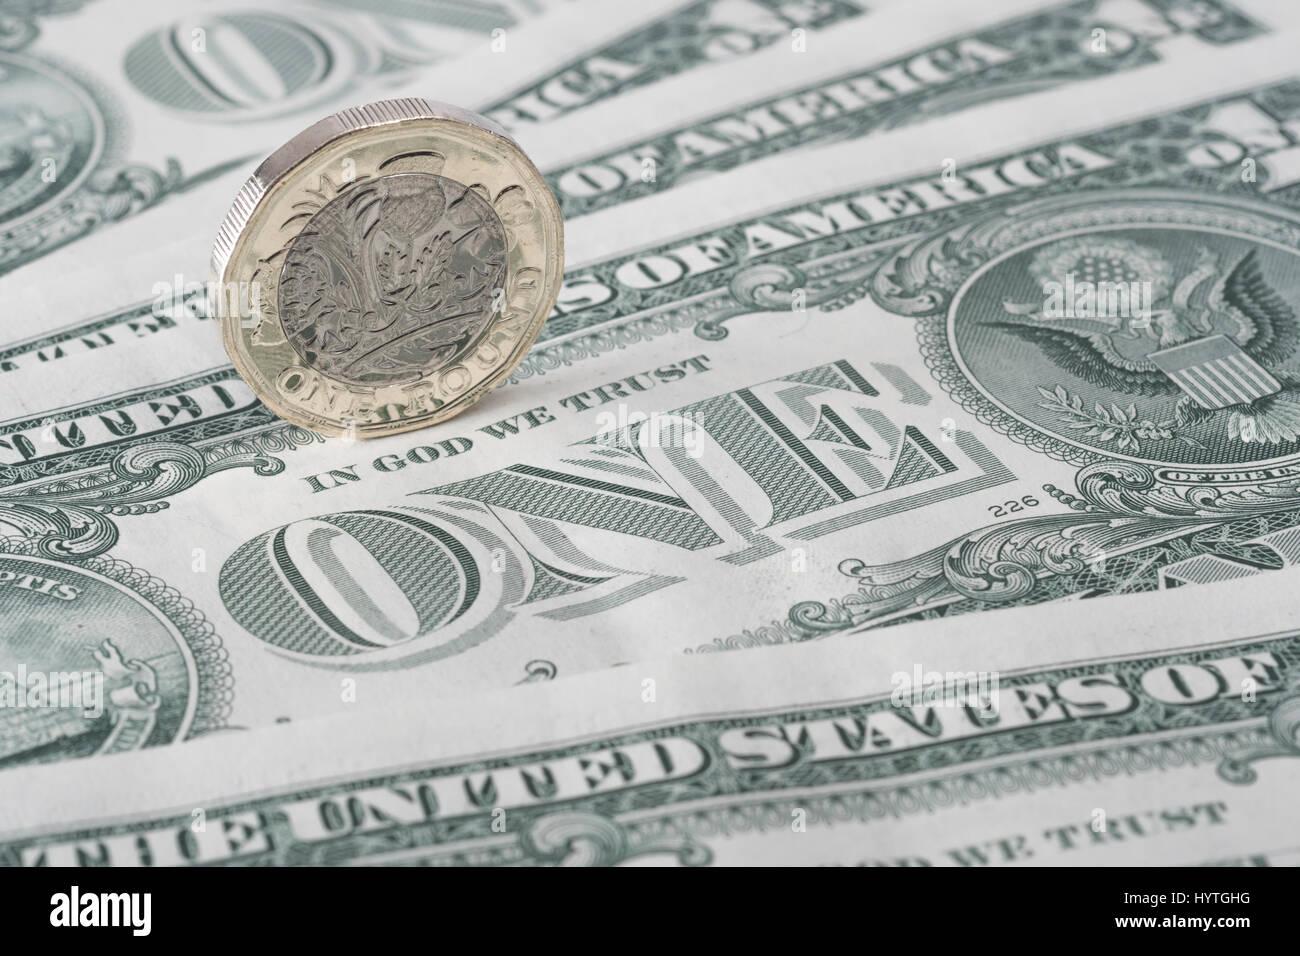 Neue 1ein Pfund Münze Uk Britische Pfund Münze Mit 1 Us Dollar